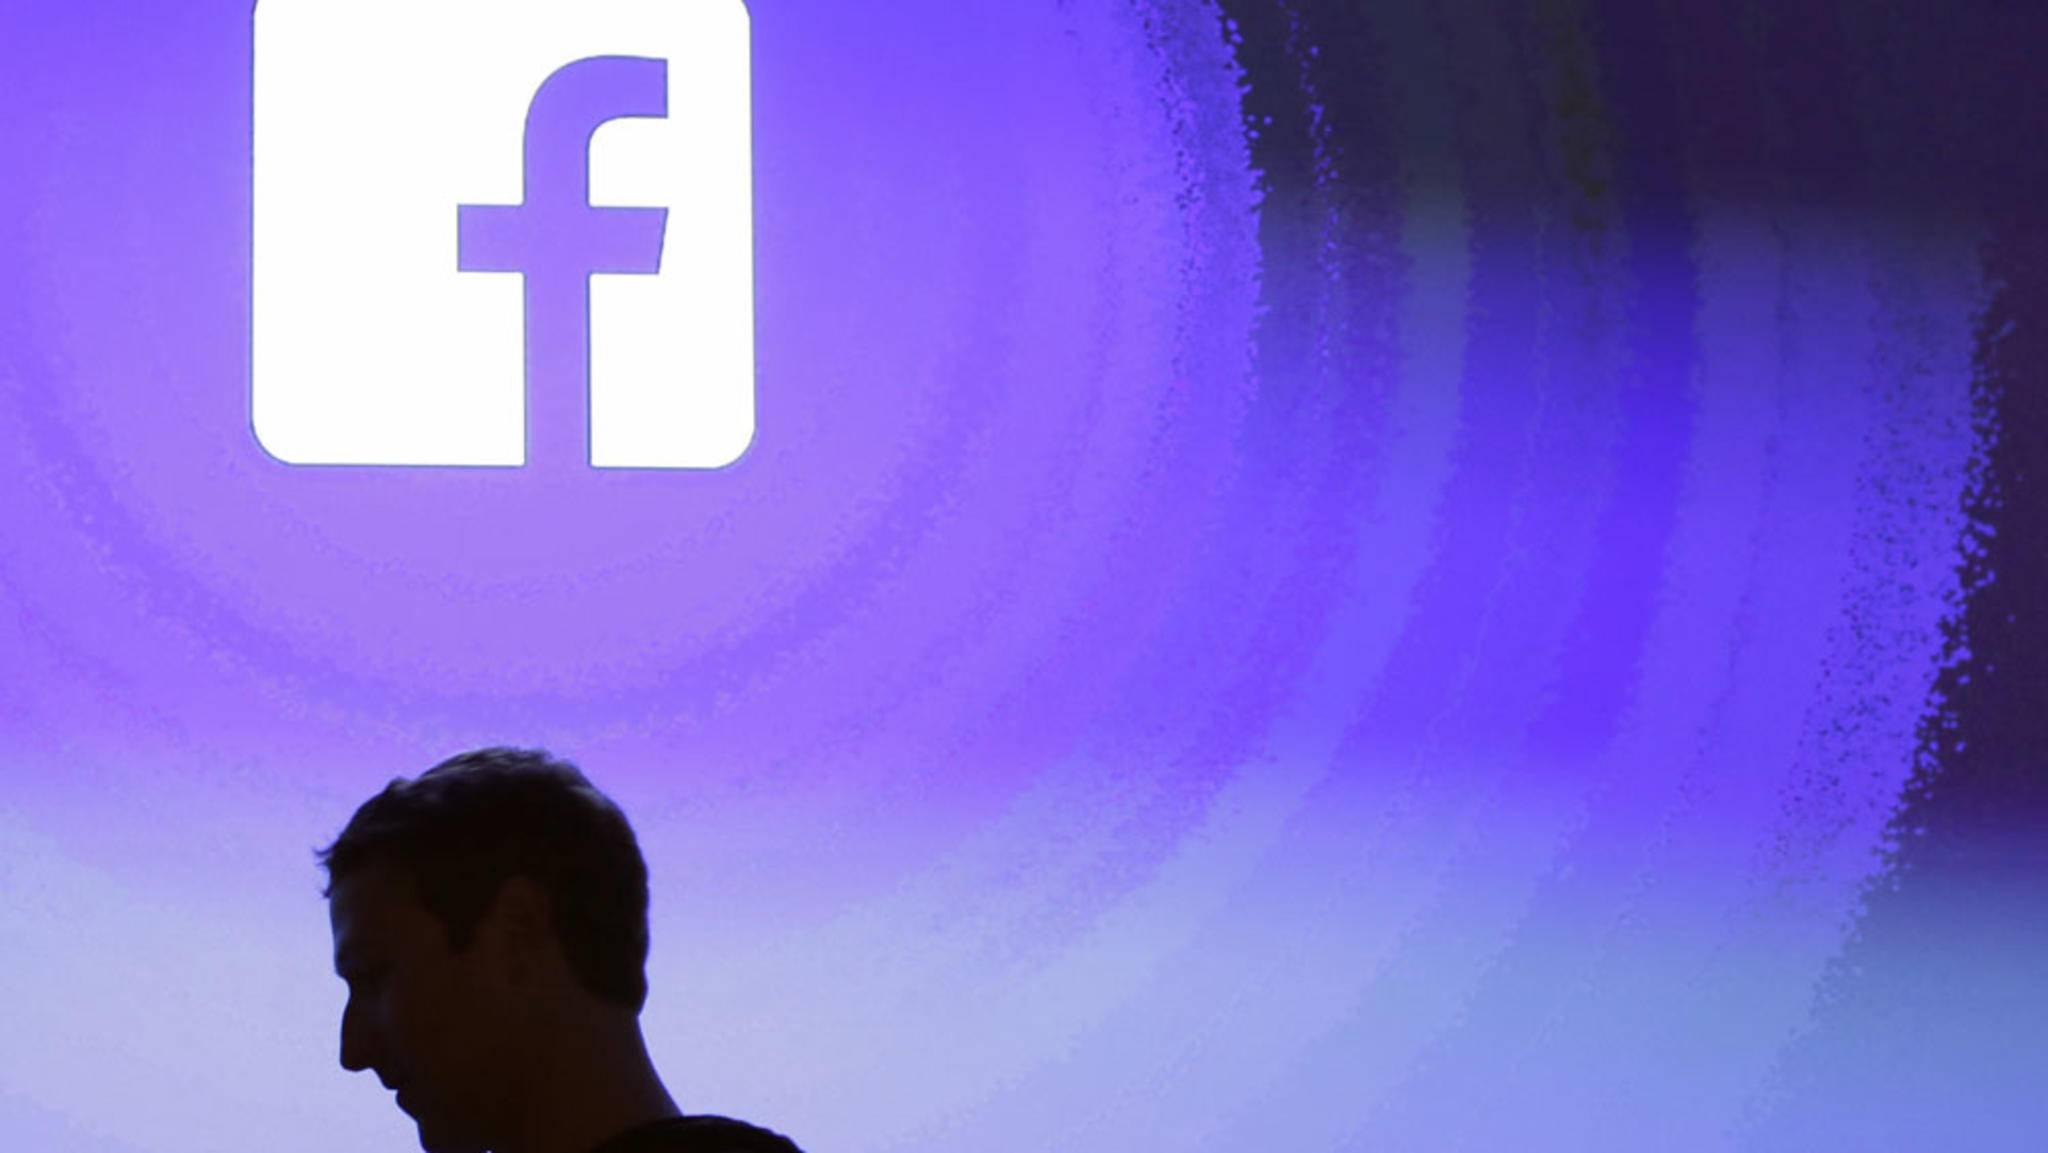 Facebook in der Krise – der Skandal rund um Cambridge Analytica erschüttert das Unternehmen.